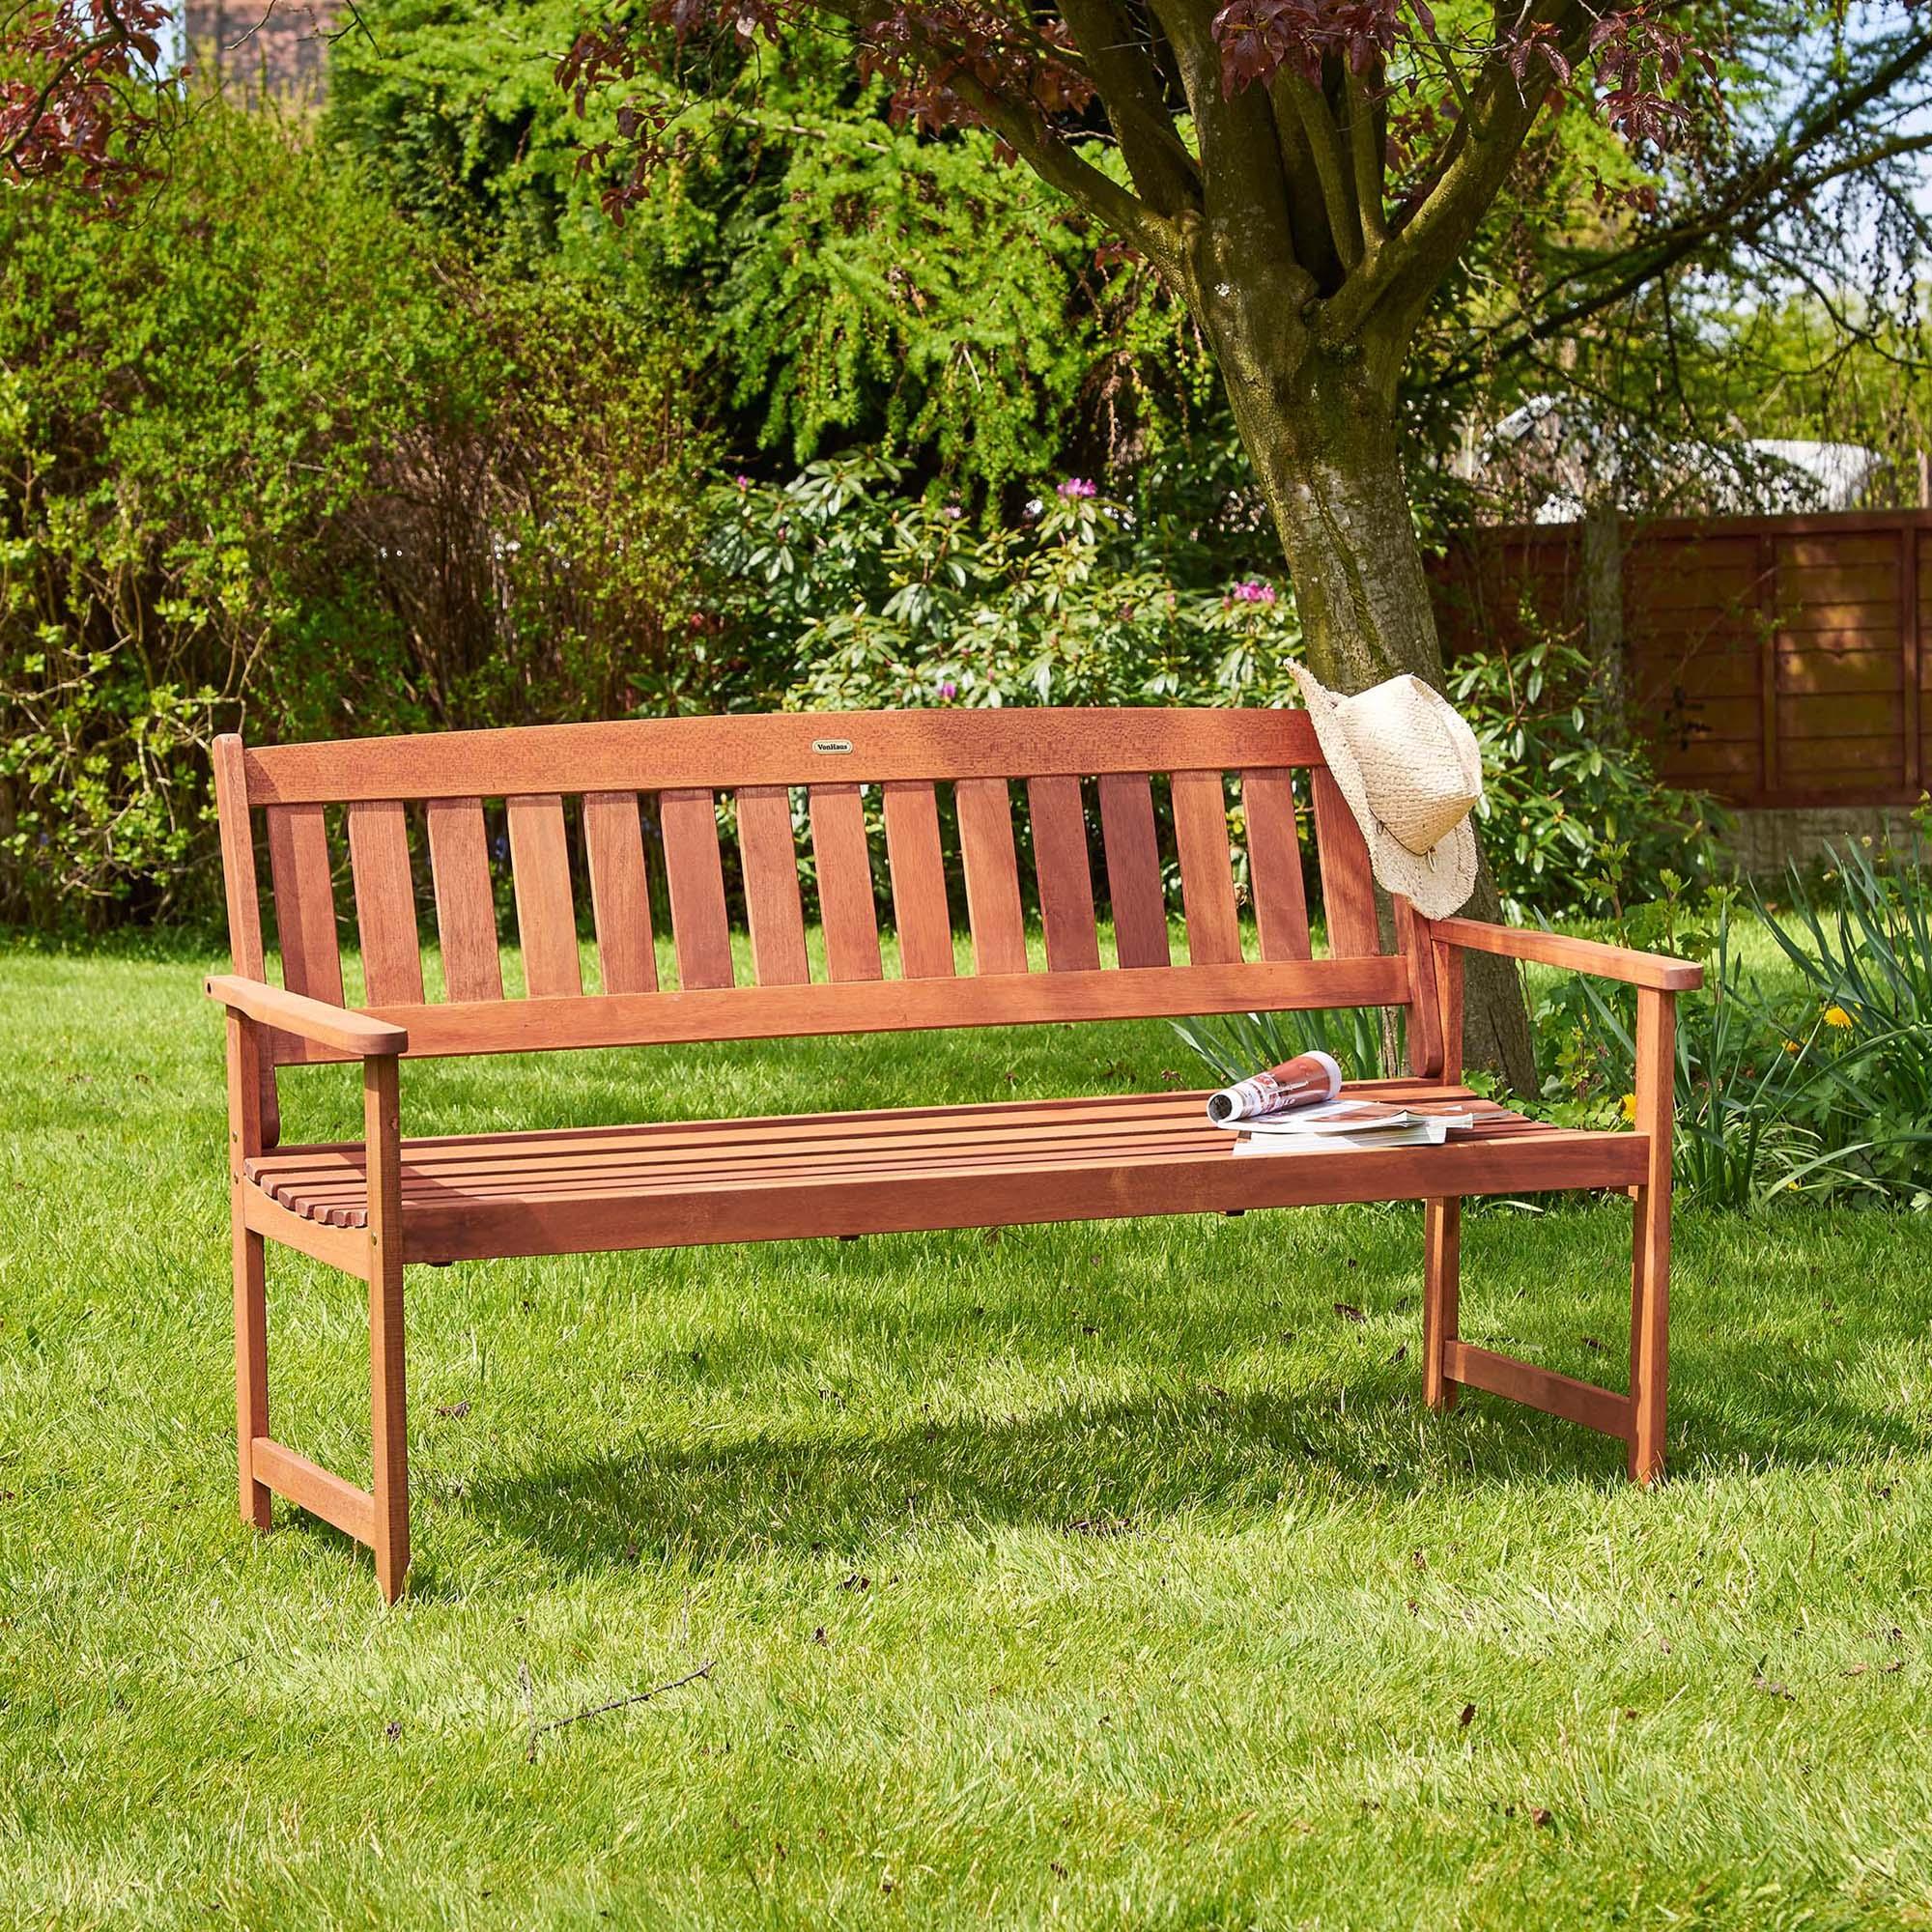 VonHaus 3 Seater Hardwood Garden Bench Outdoor Patio Furniture Wooden Seat